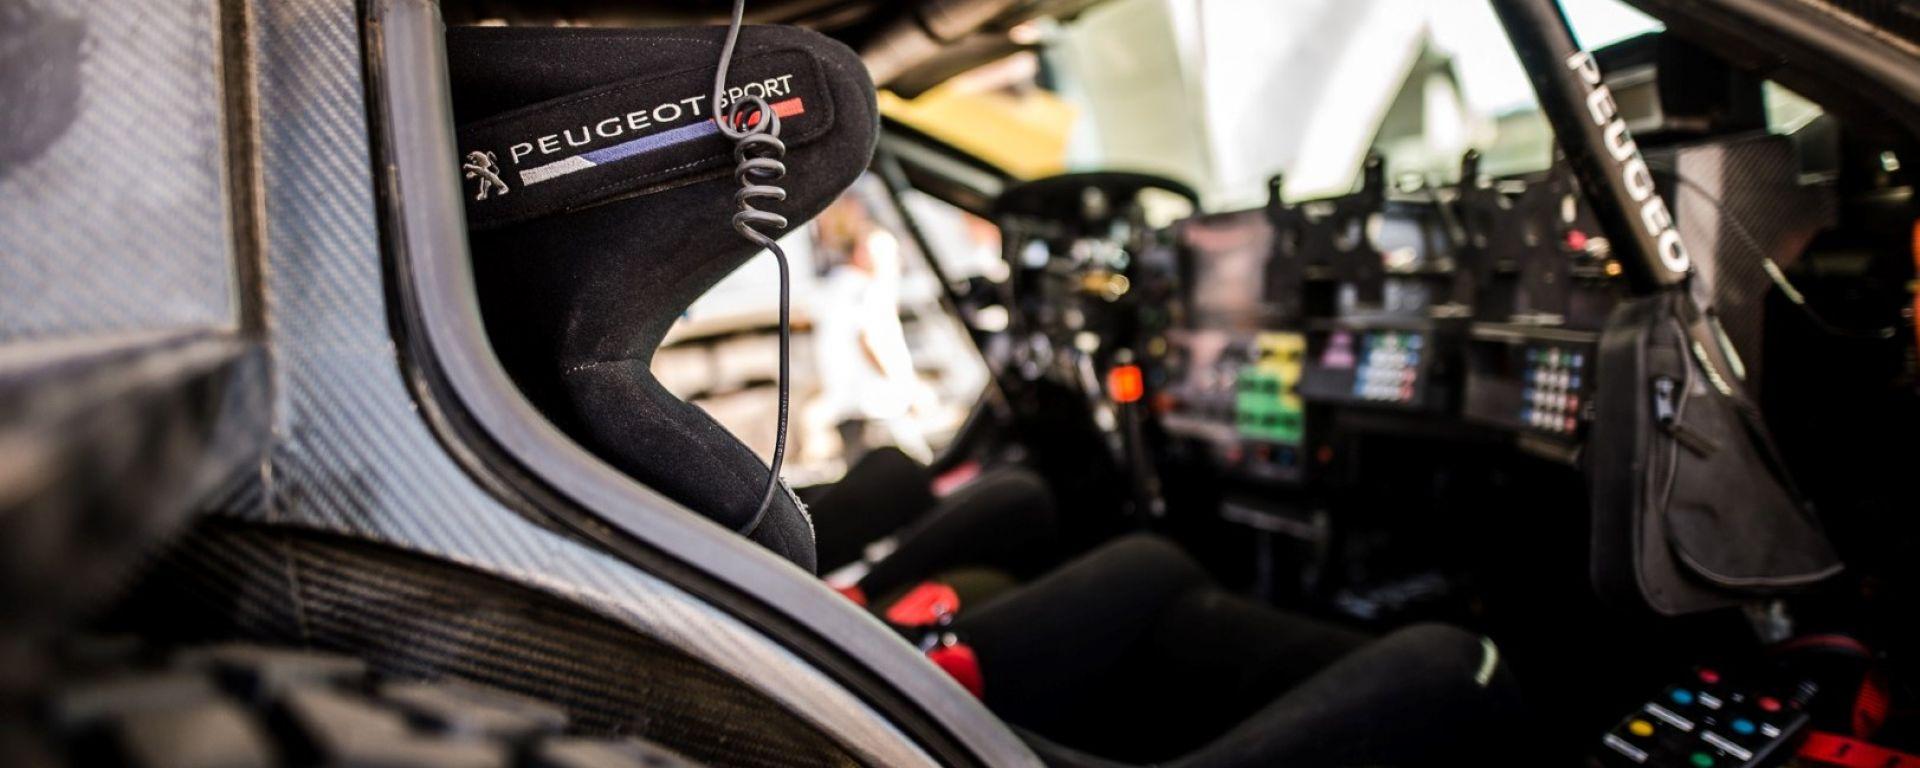 Peugeot Sport Total, le 3008 DKR sono pronte per essere guidate al Rally Marocco 2017